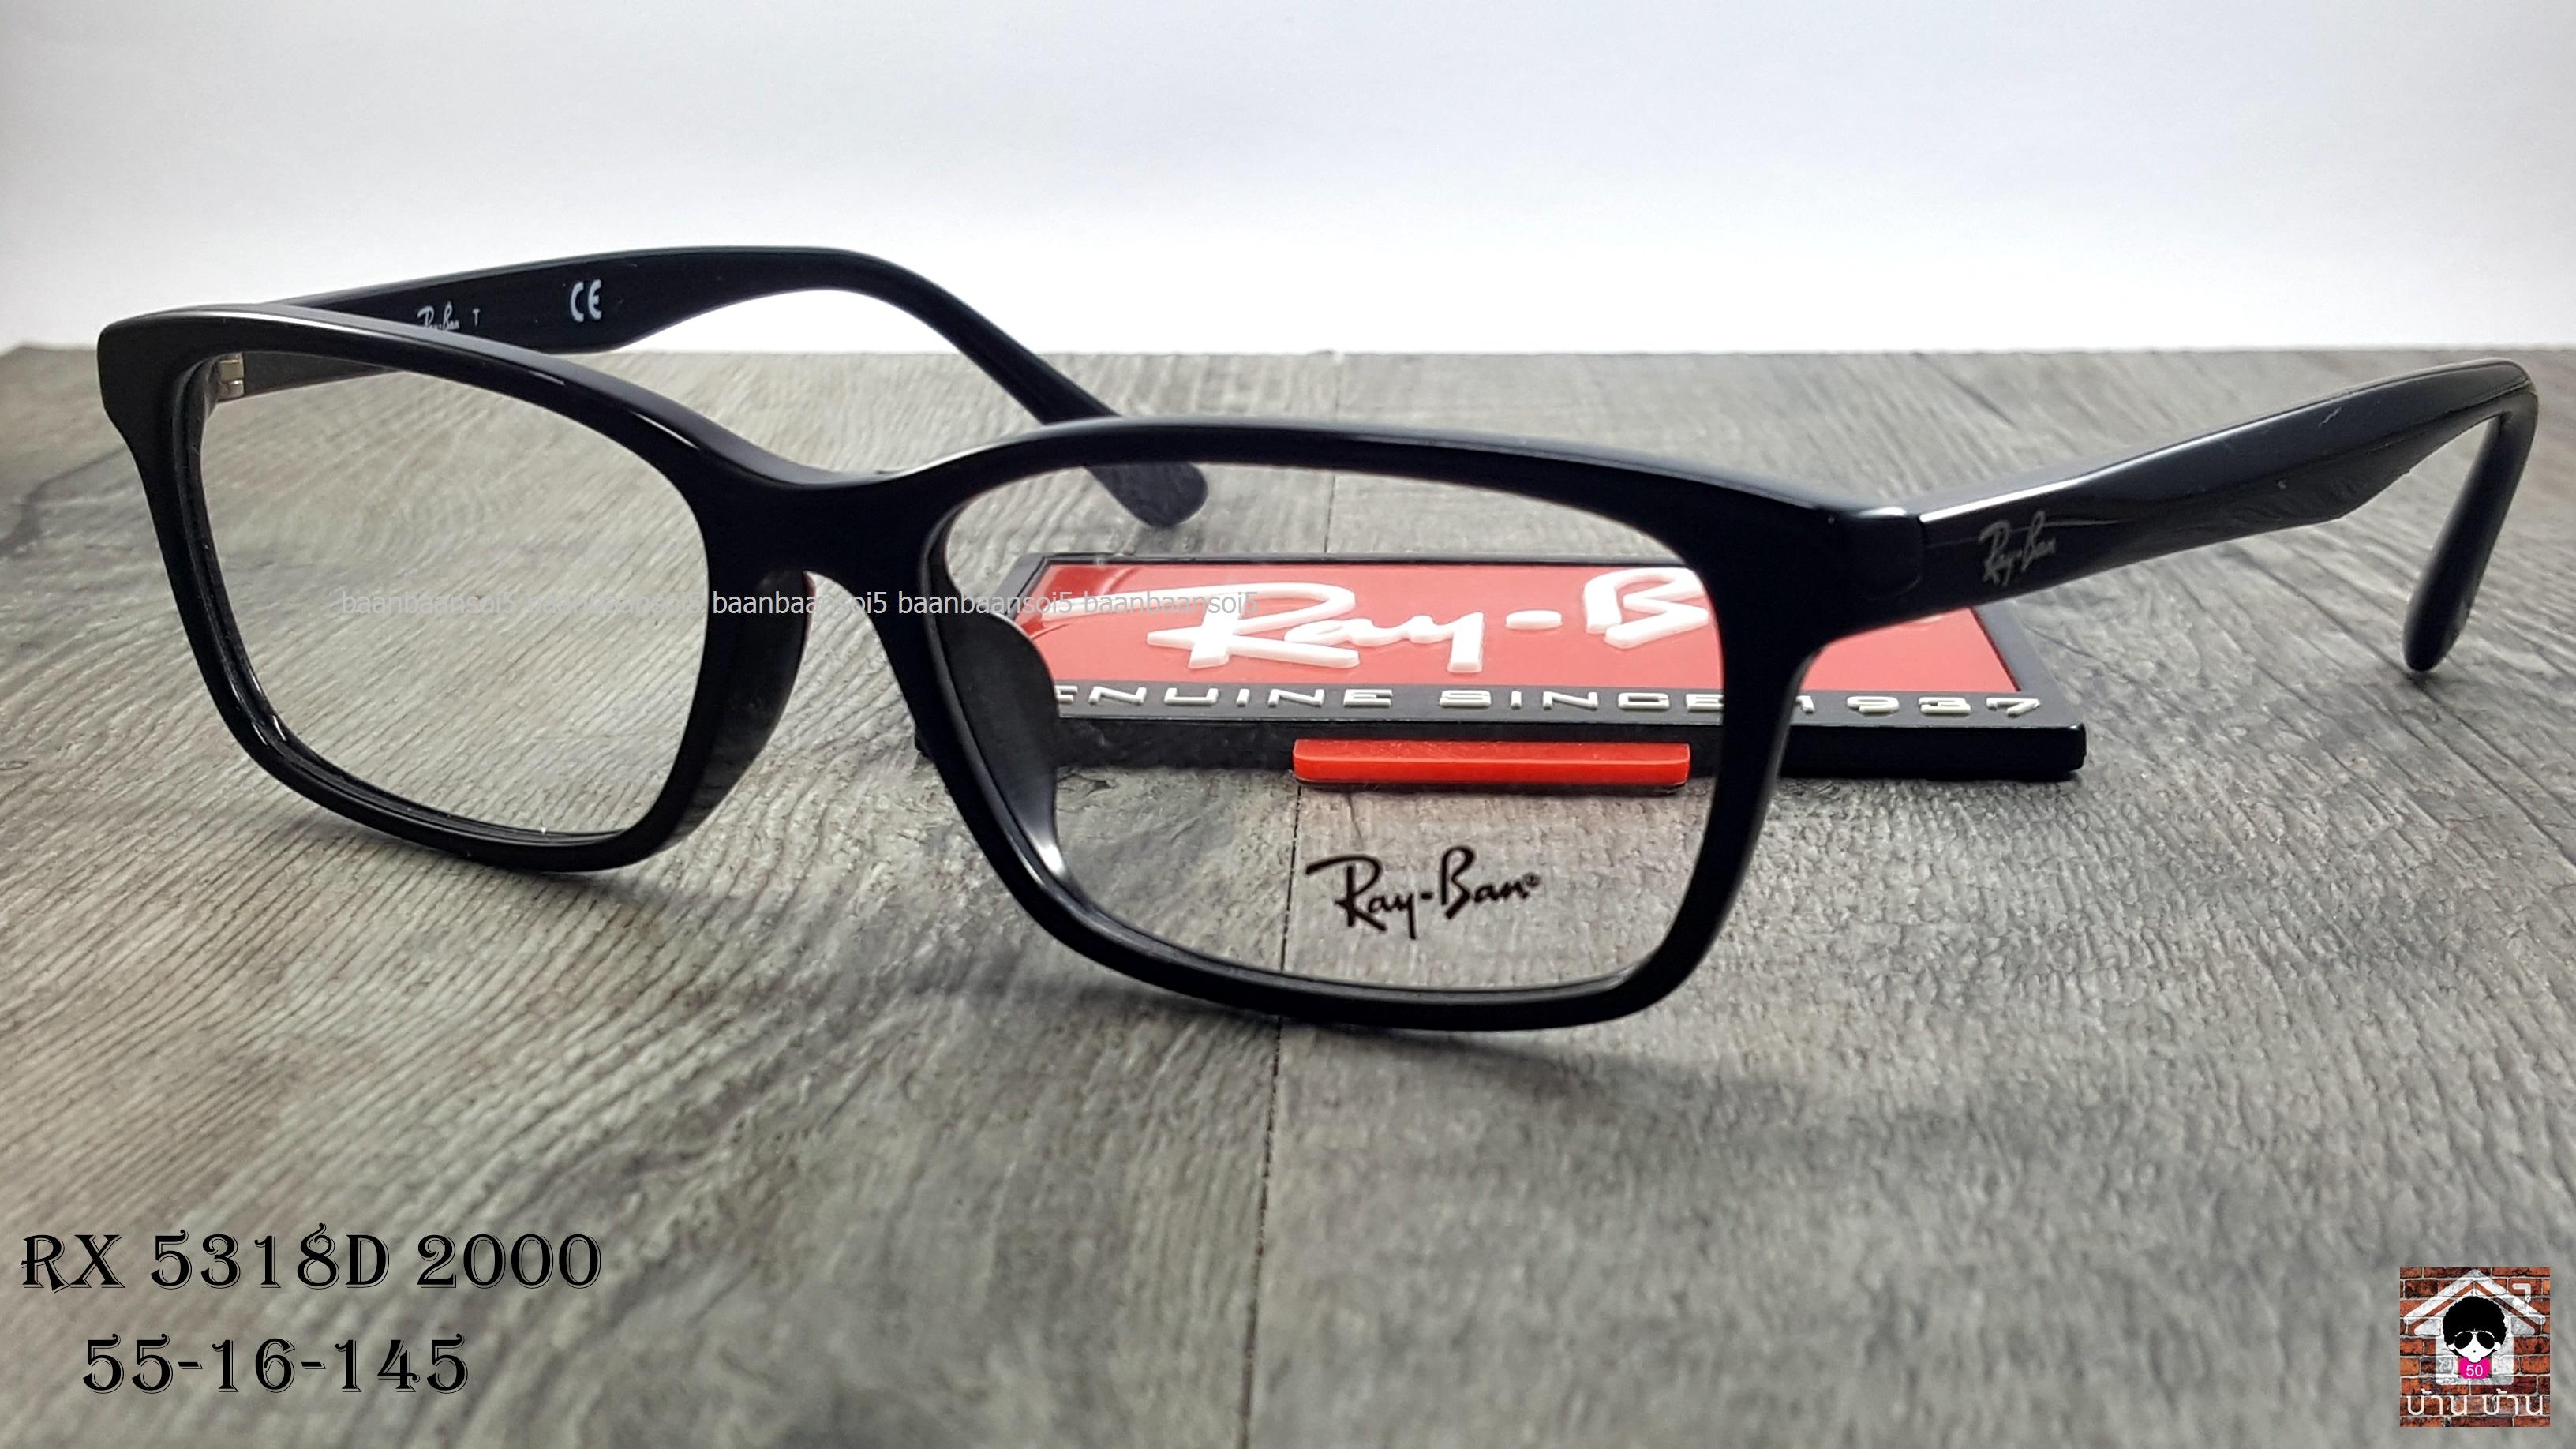 Rayban RB 5318D 2000 โปรโมชั่น กรอบแว่นตาพร้อมเลนส์ HOYA ราคา 2,900 บาท